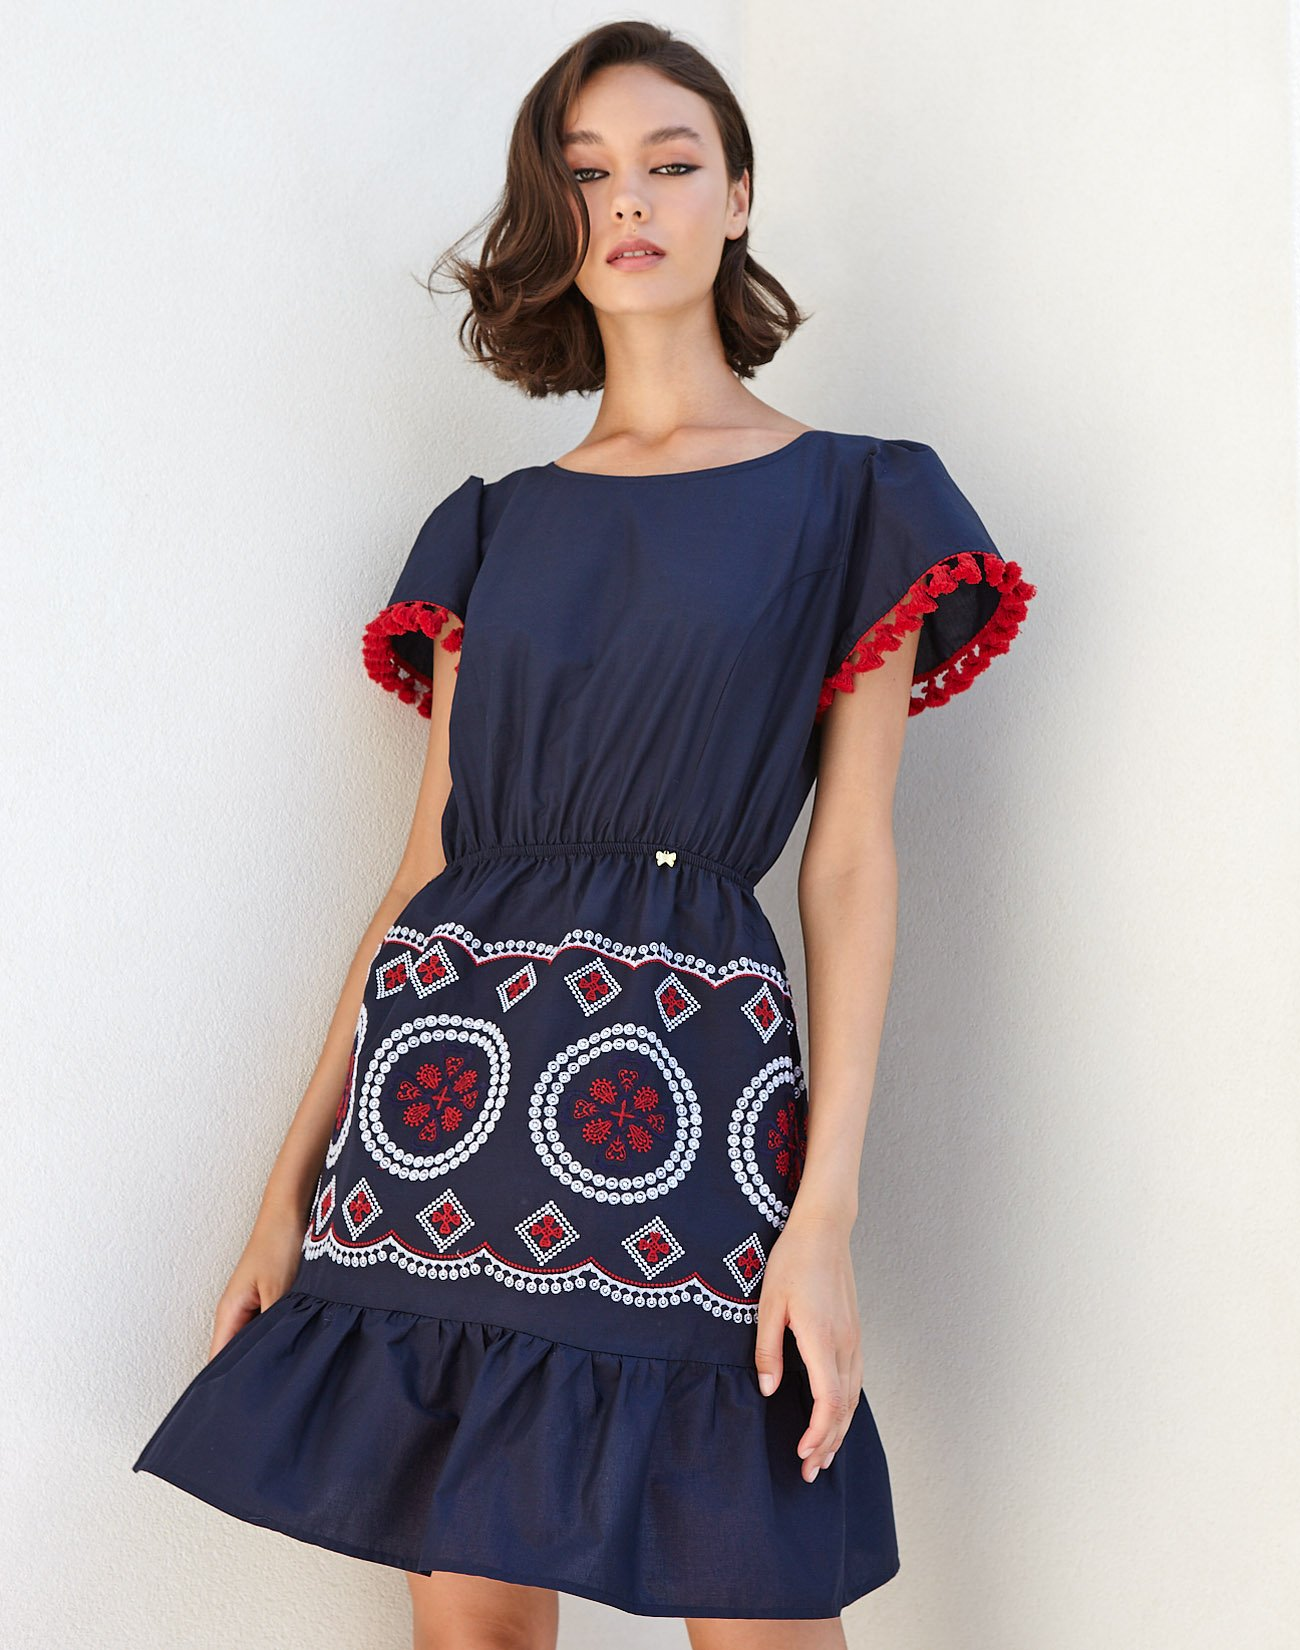 Μίνι φόρεμα με κέντημα